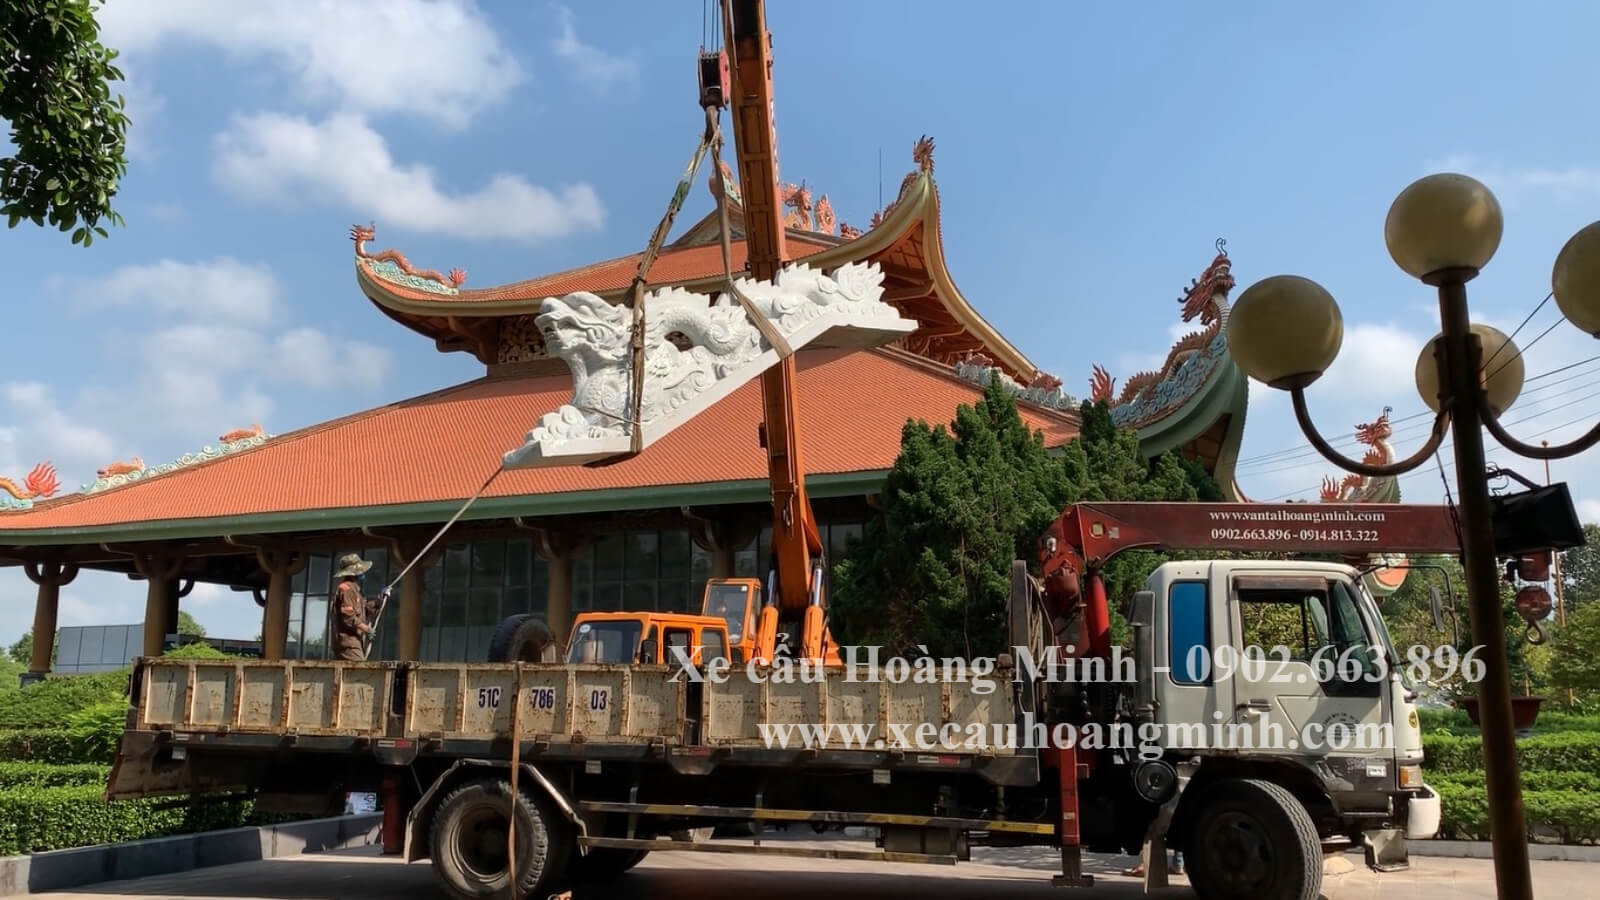 vận chuyển hàng hoá công trình bằng xe cẩu